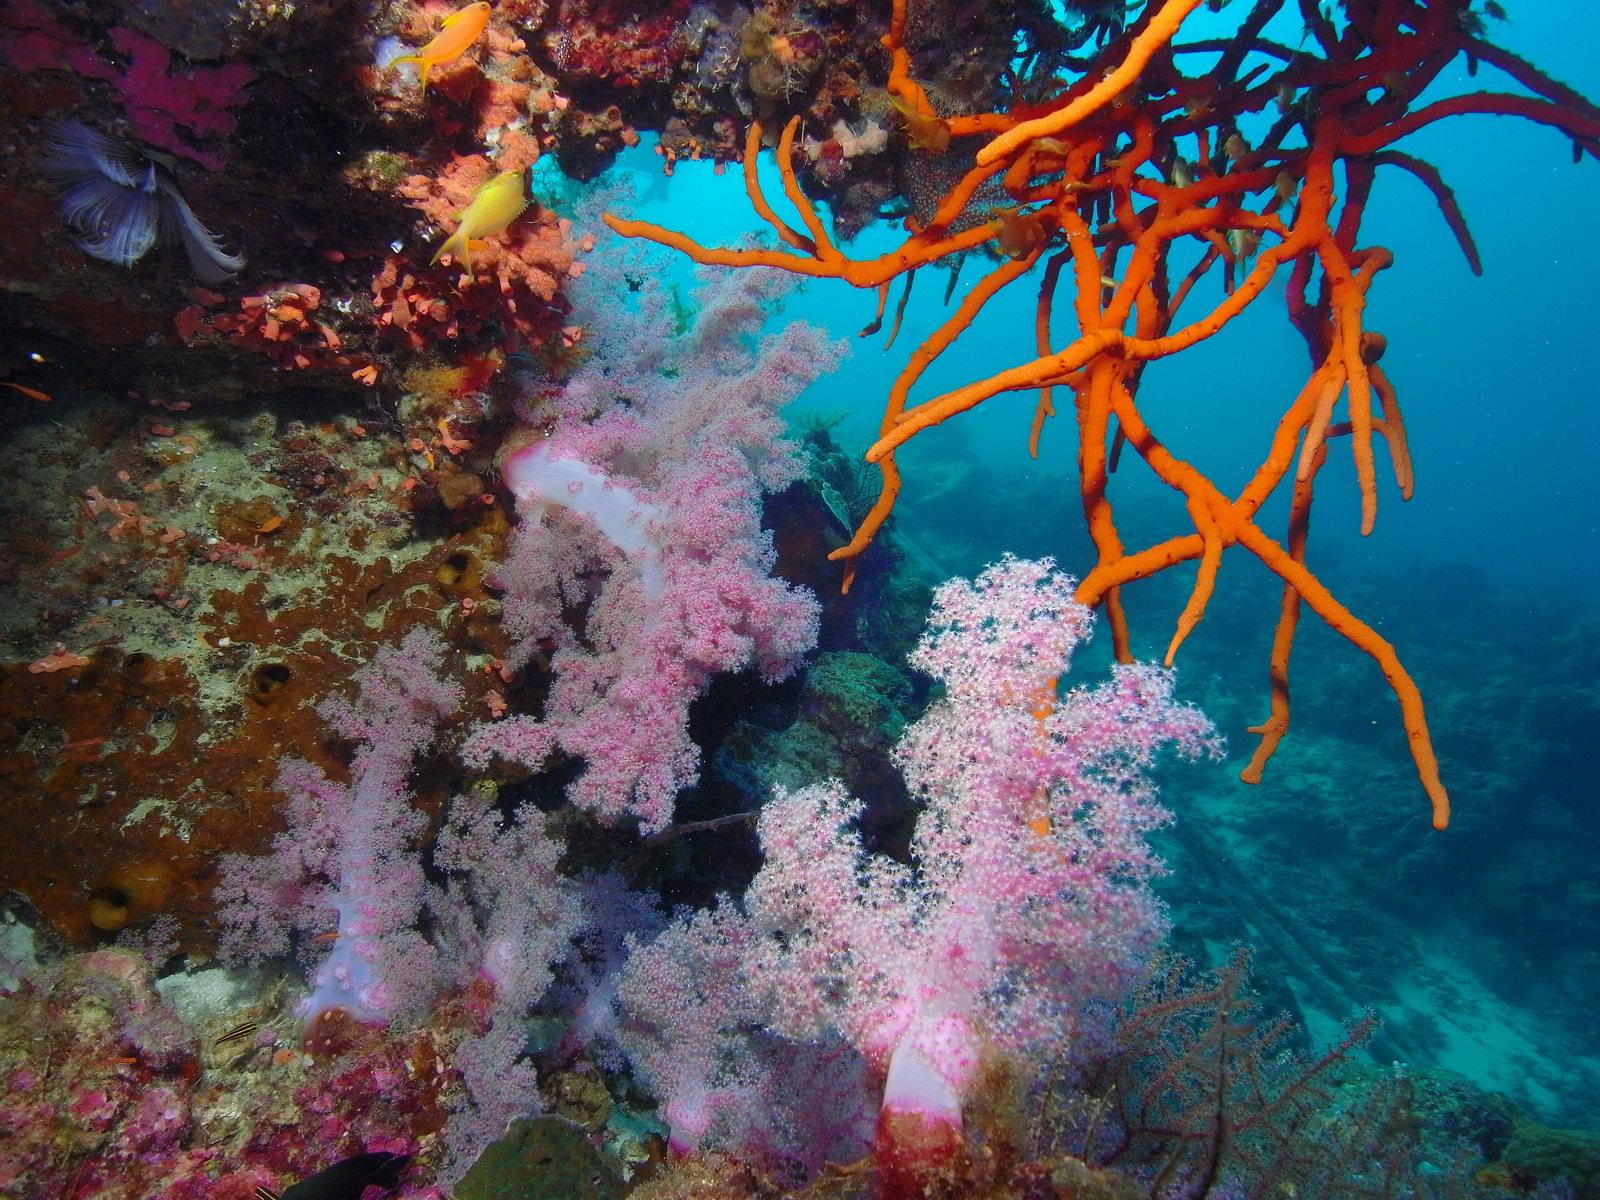 Weitwinkel Unterwasserkamera Aufnahme von Korallen